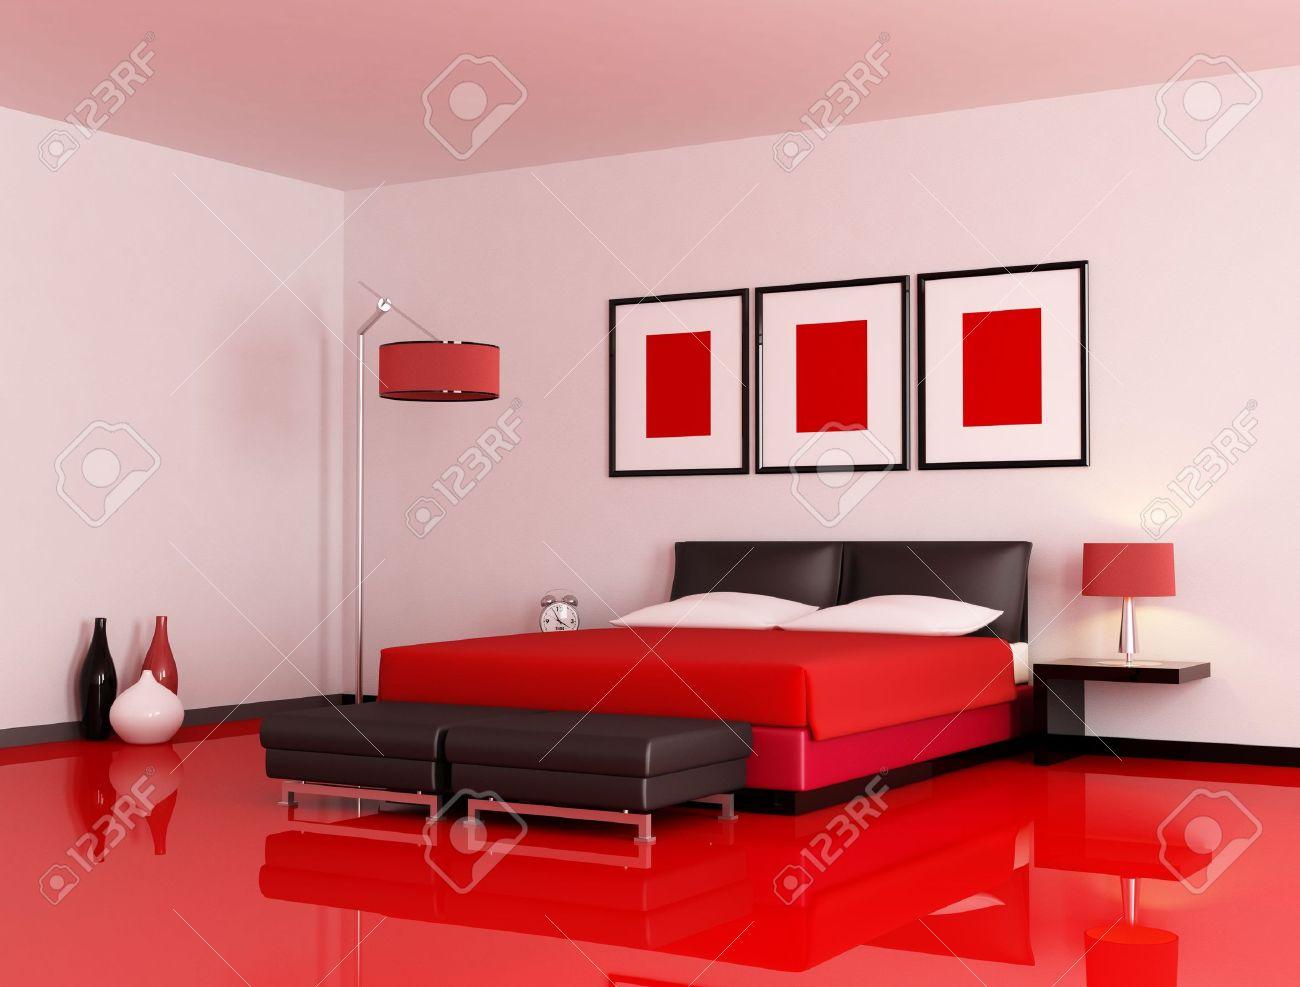 chambre moderne avec etage rouge et un mur blanc rendu